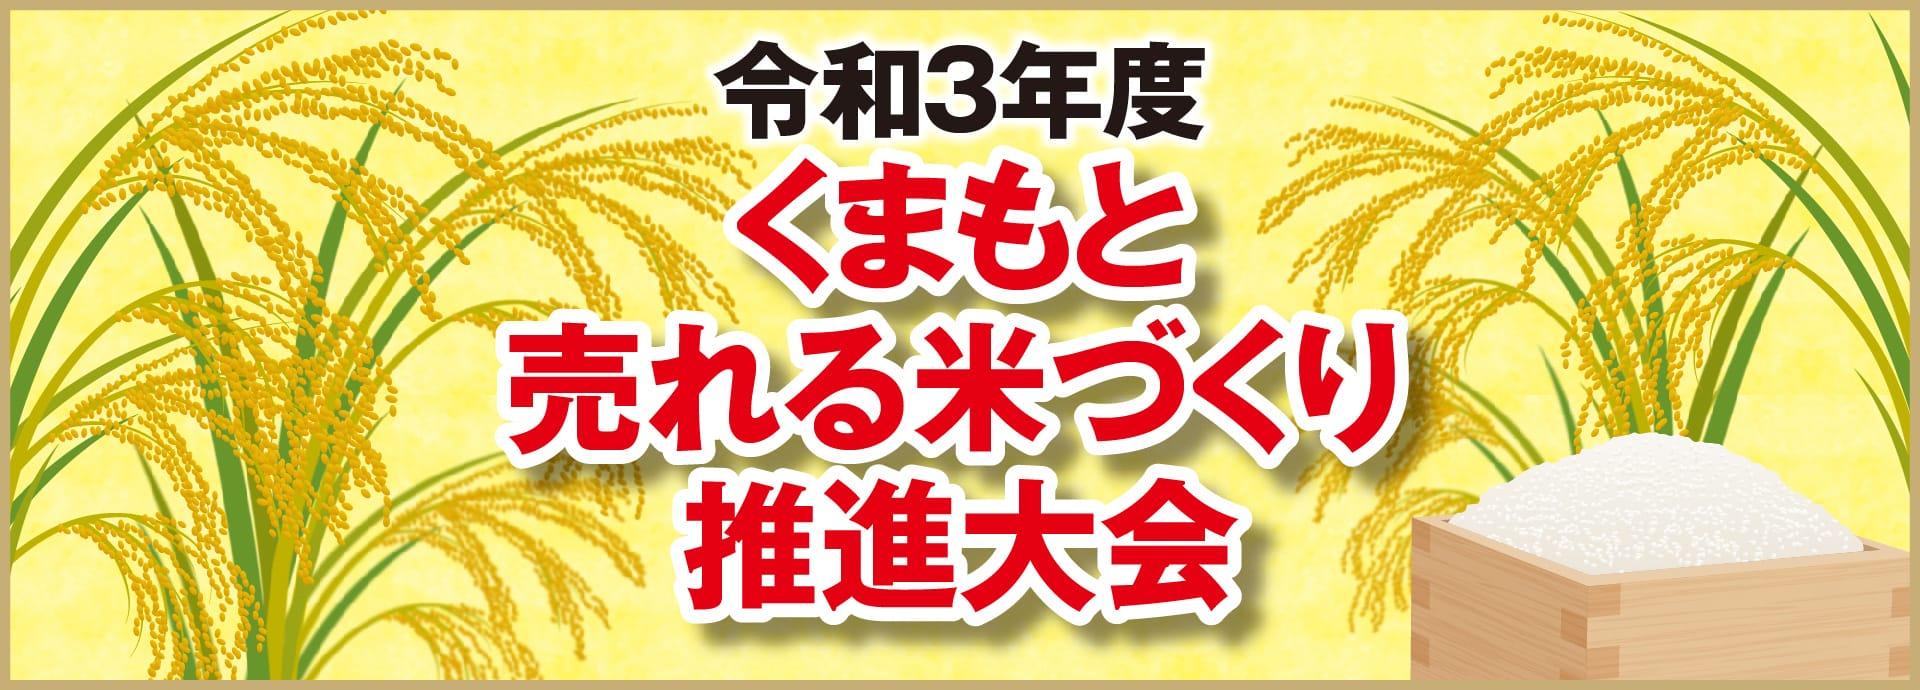 令和3年度くまもと売れる米づくり推進大会